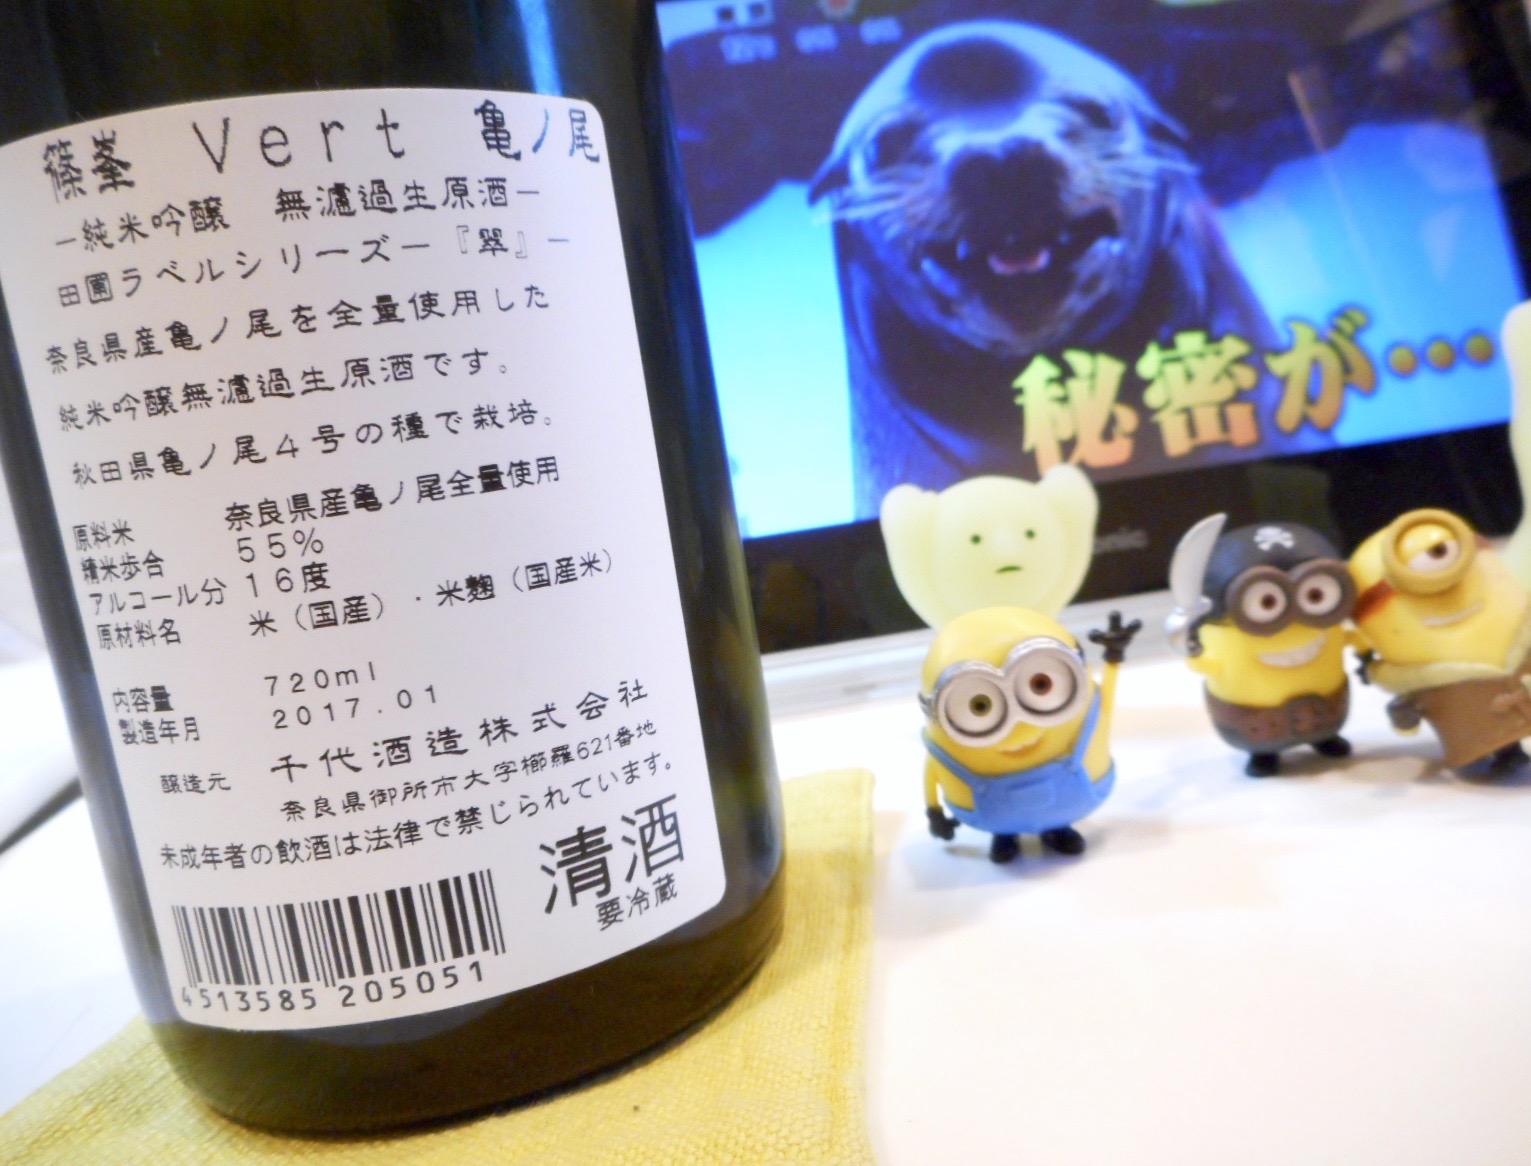 shinomine_vert_nama28by2.jpg